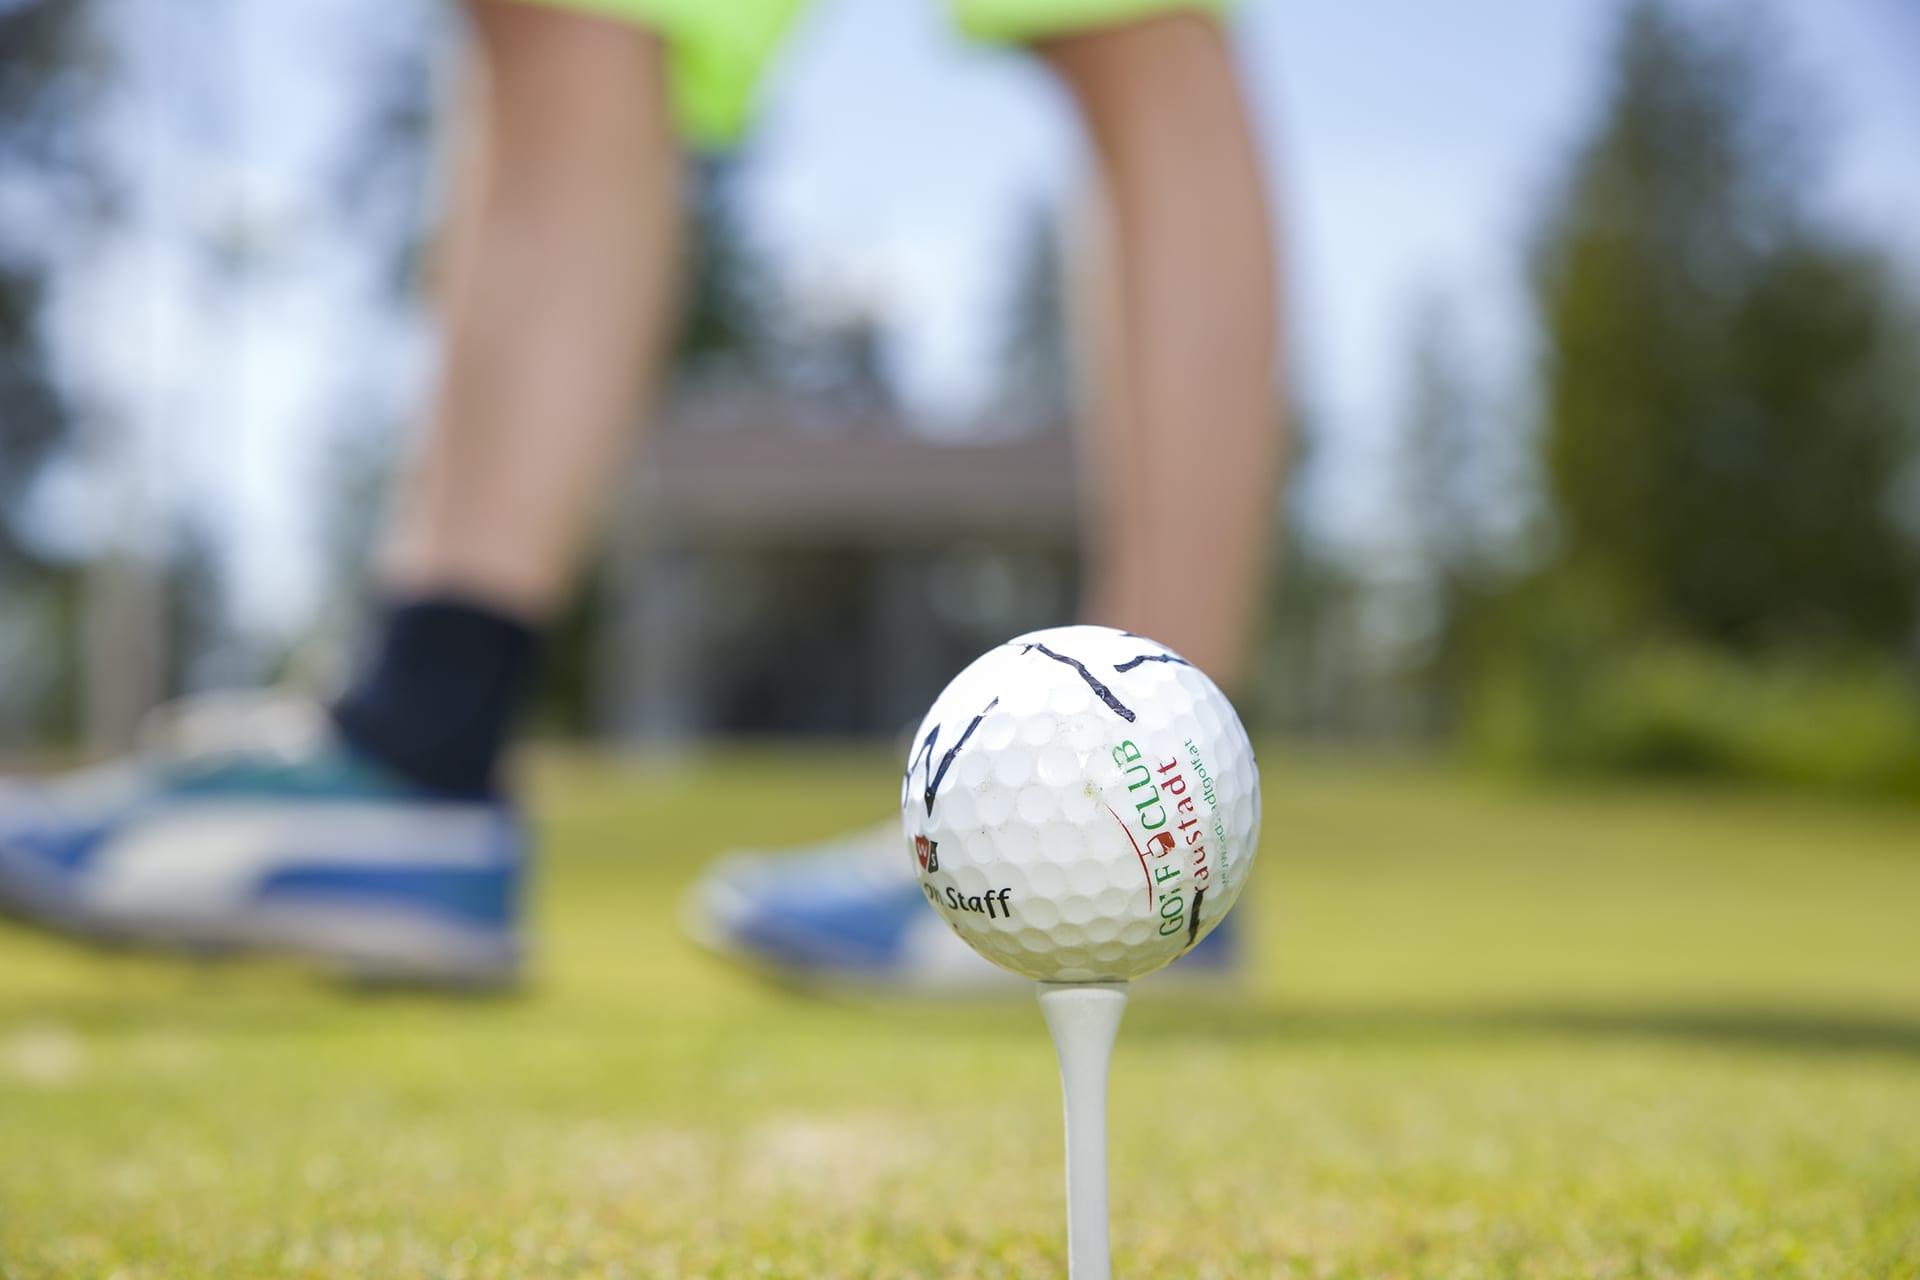 Golfpallo pidikkeessään